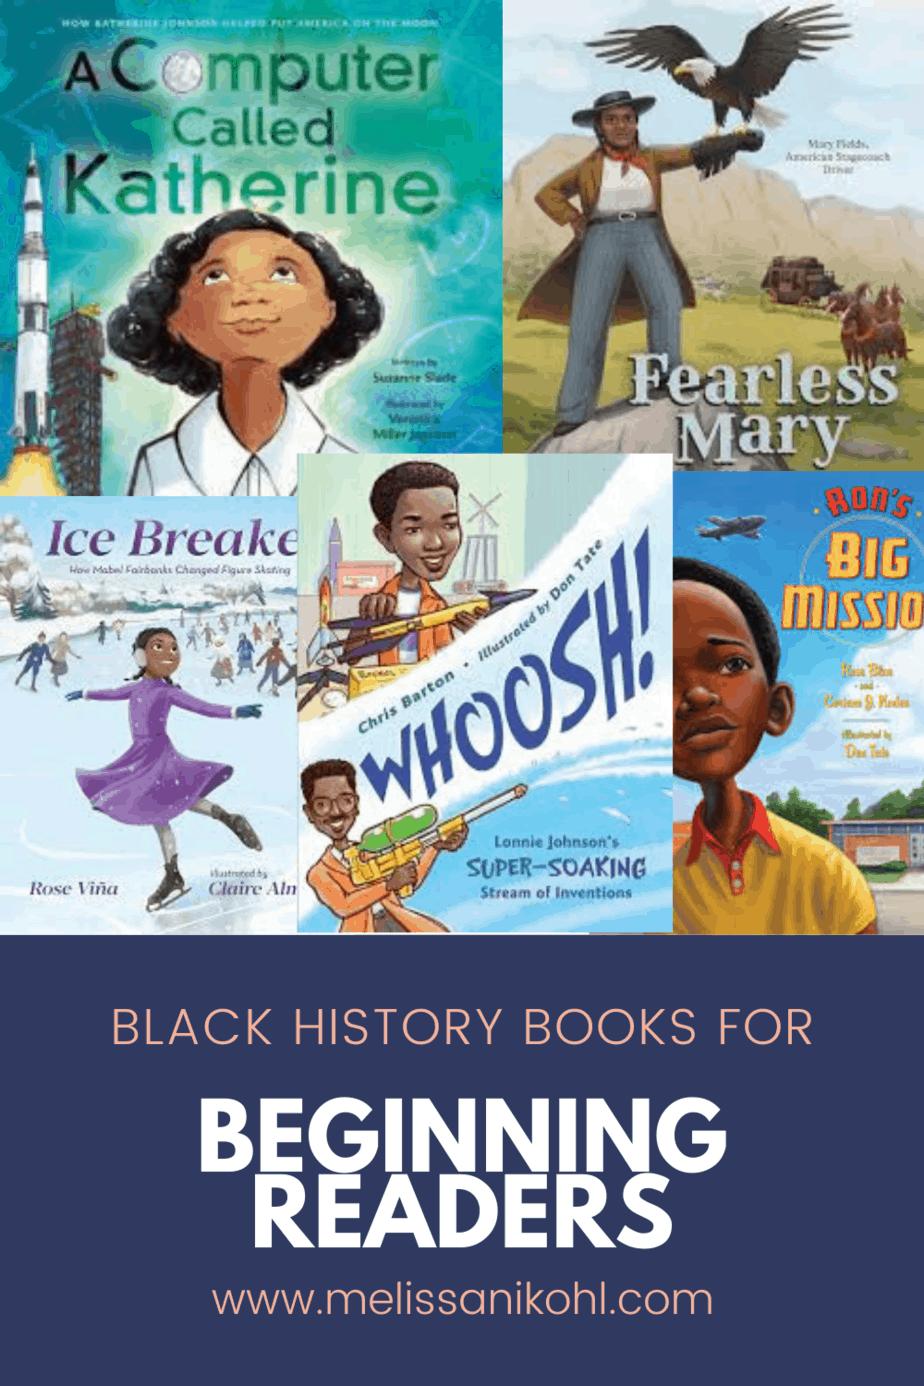 BLACK HISTORY BOOKS FOR BEGINNING READERS